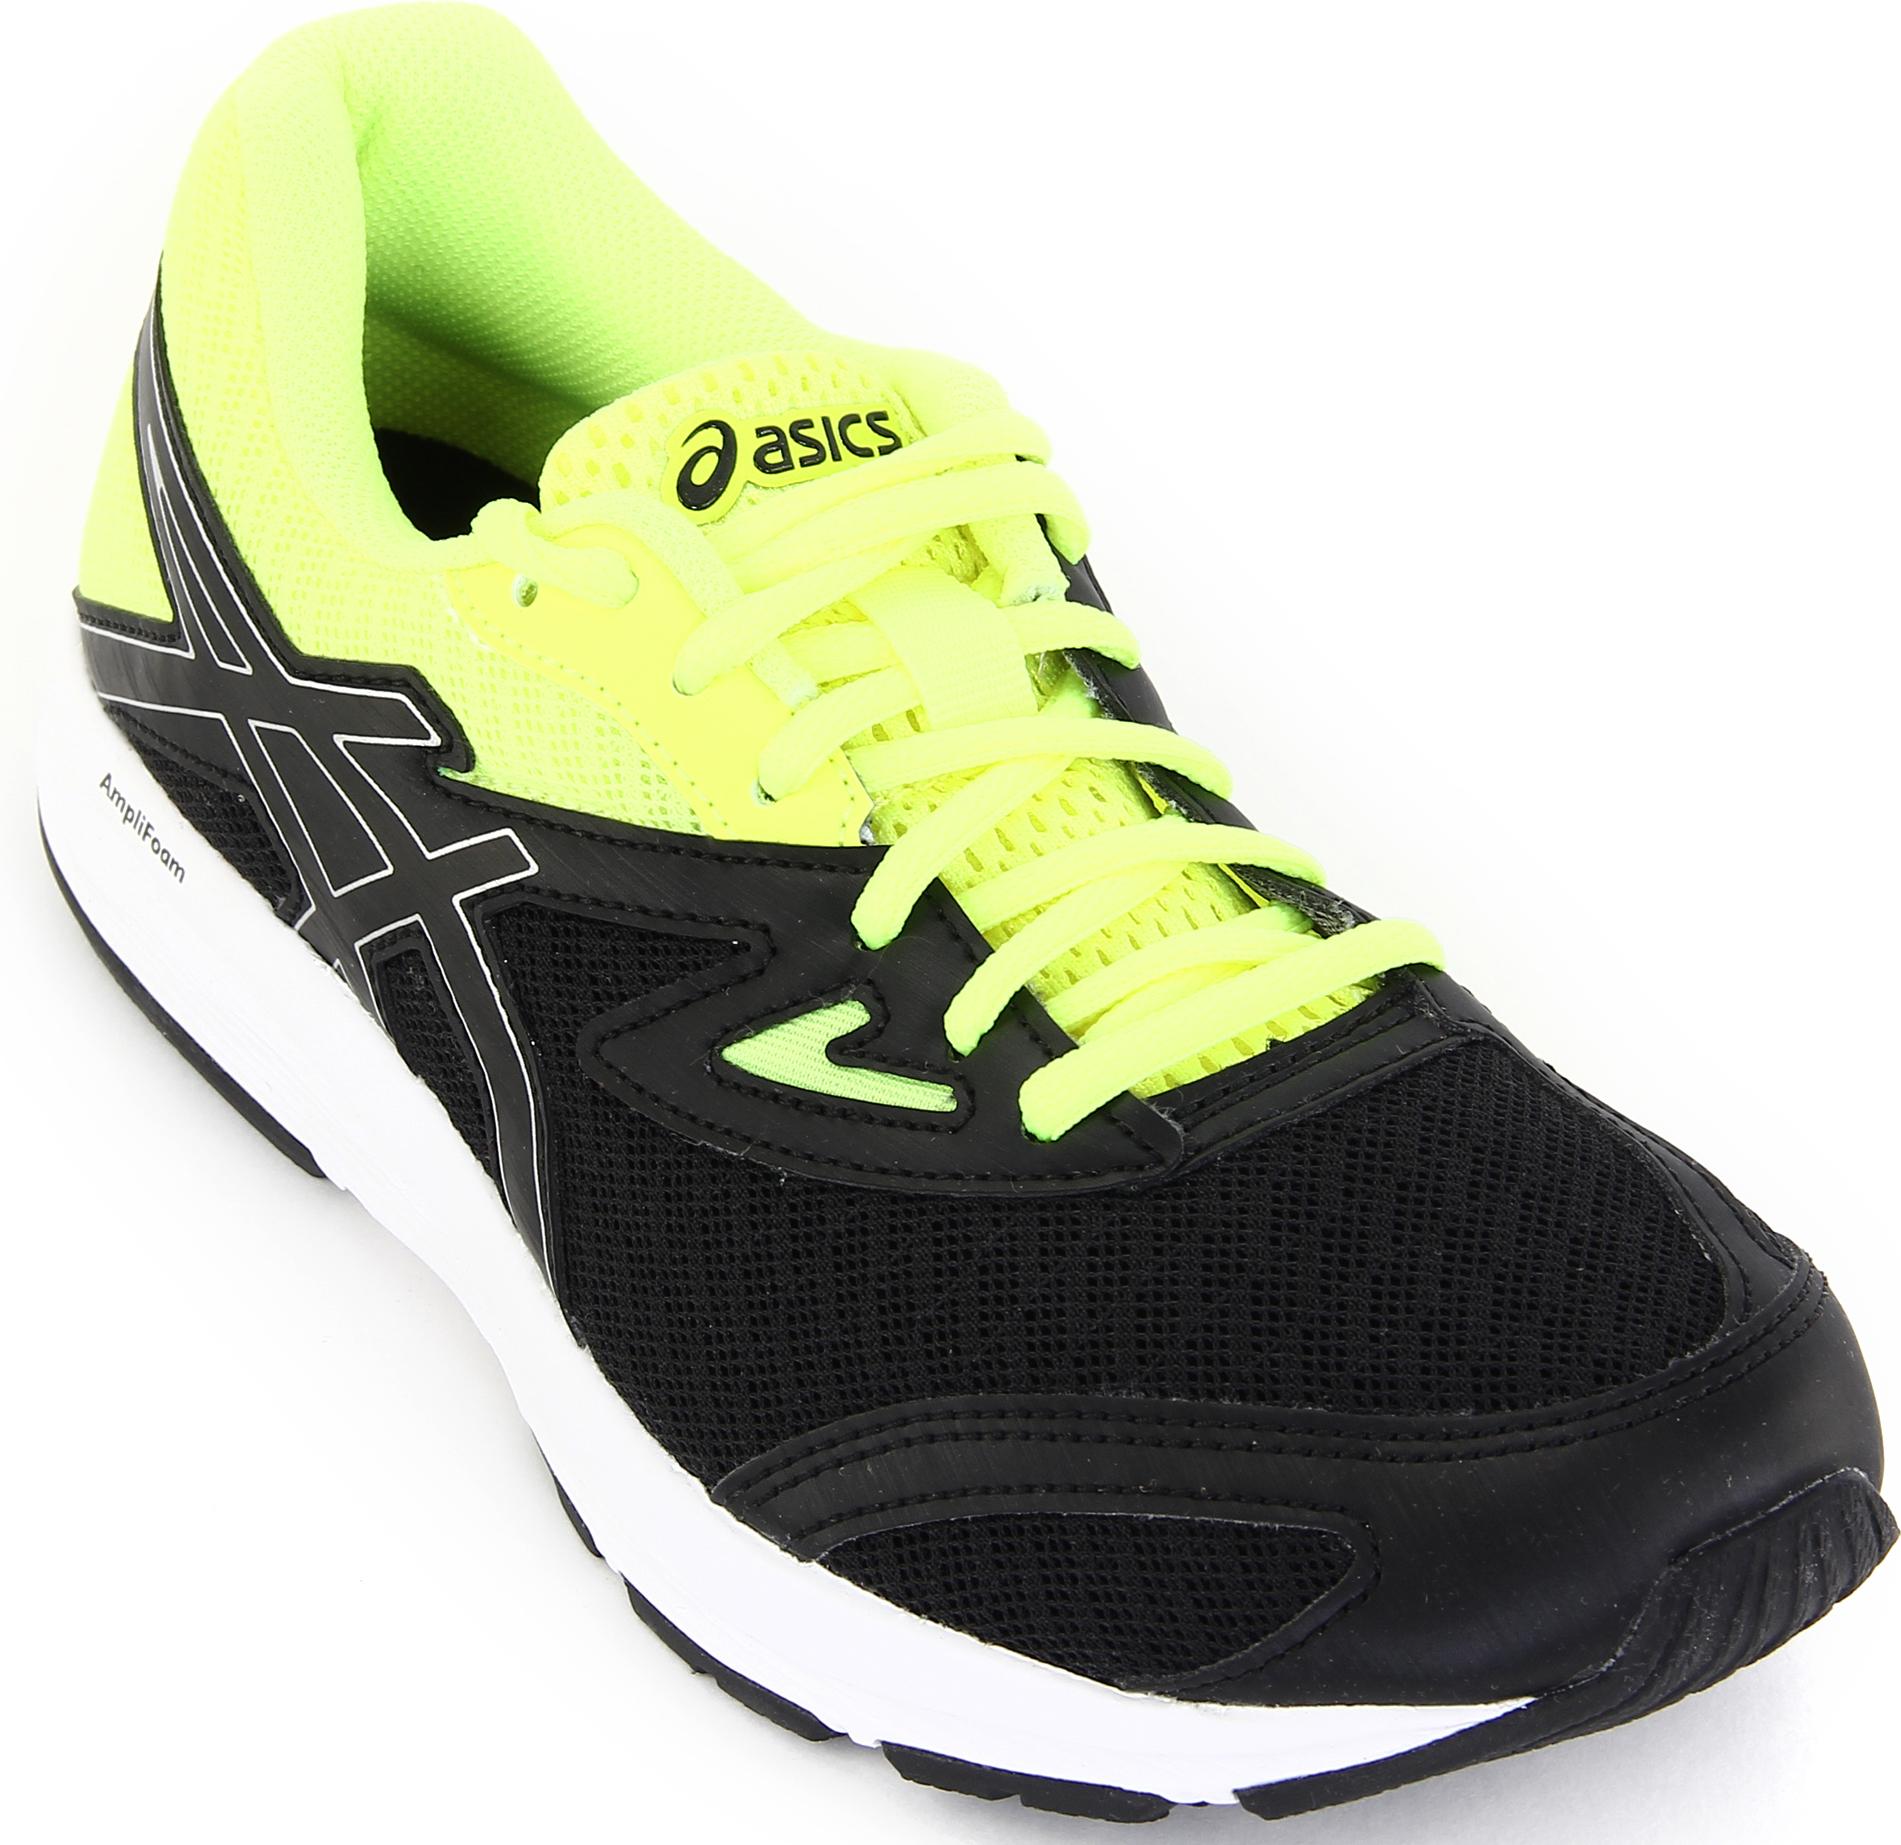 Кроссовки для мальчика Asics Amplica GS, цвет: черный. C808N-9093. Размер 4H (35,5)C808N-9093Легкие кроссовки Asics Amplica GS предназначены для бега и ходьбы на улице. Прочная модель для бега, тренировок и ходьбы в течение всего дня. Кроссовки дополнены шнуровкой.